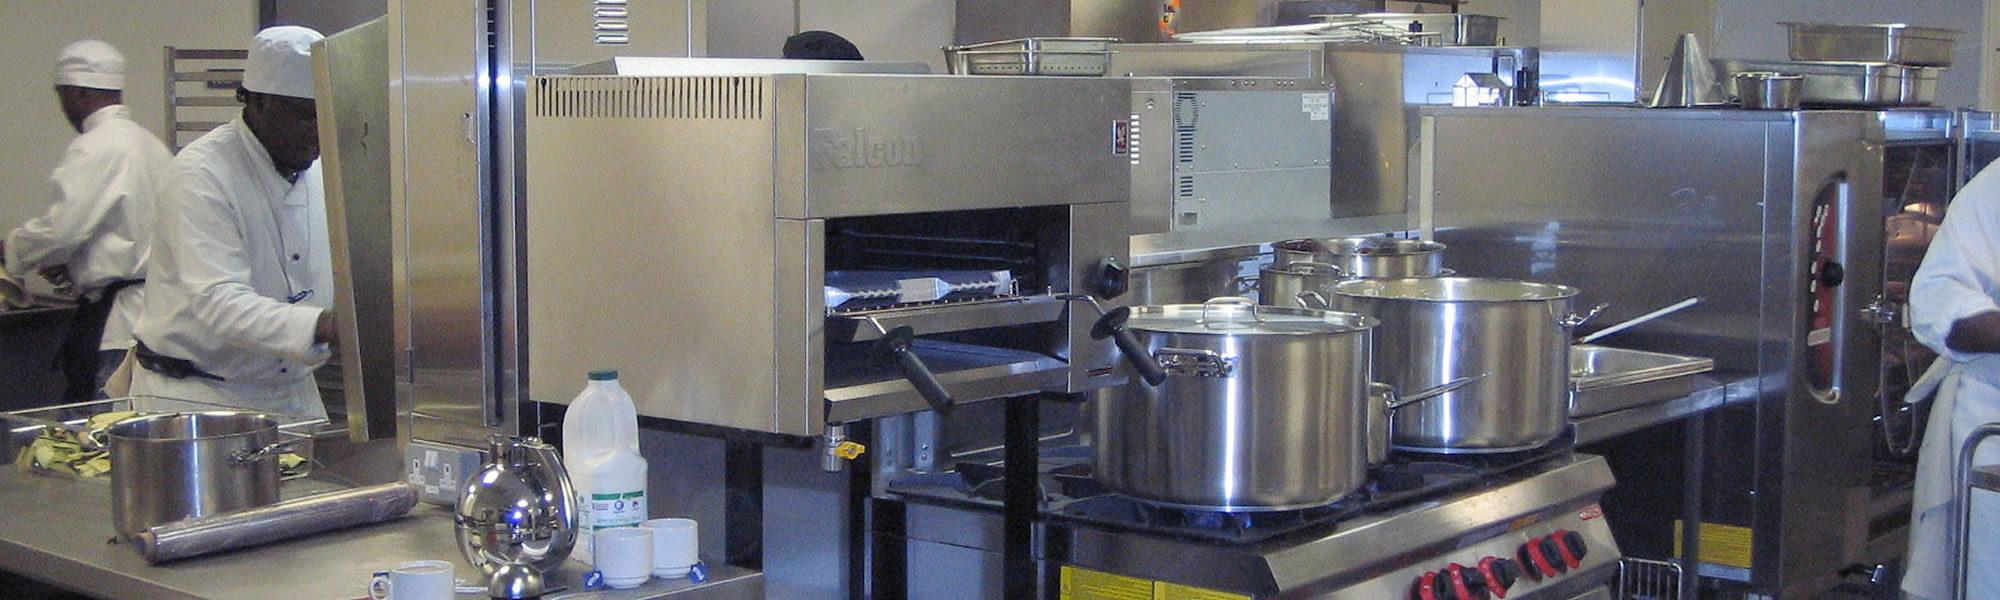 Catering Equipment Slider